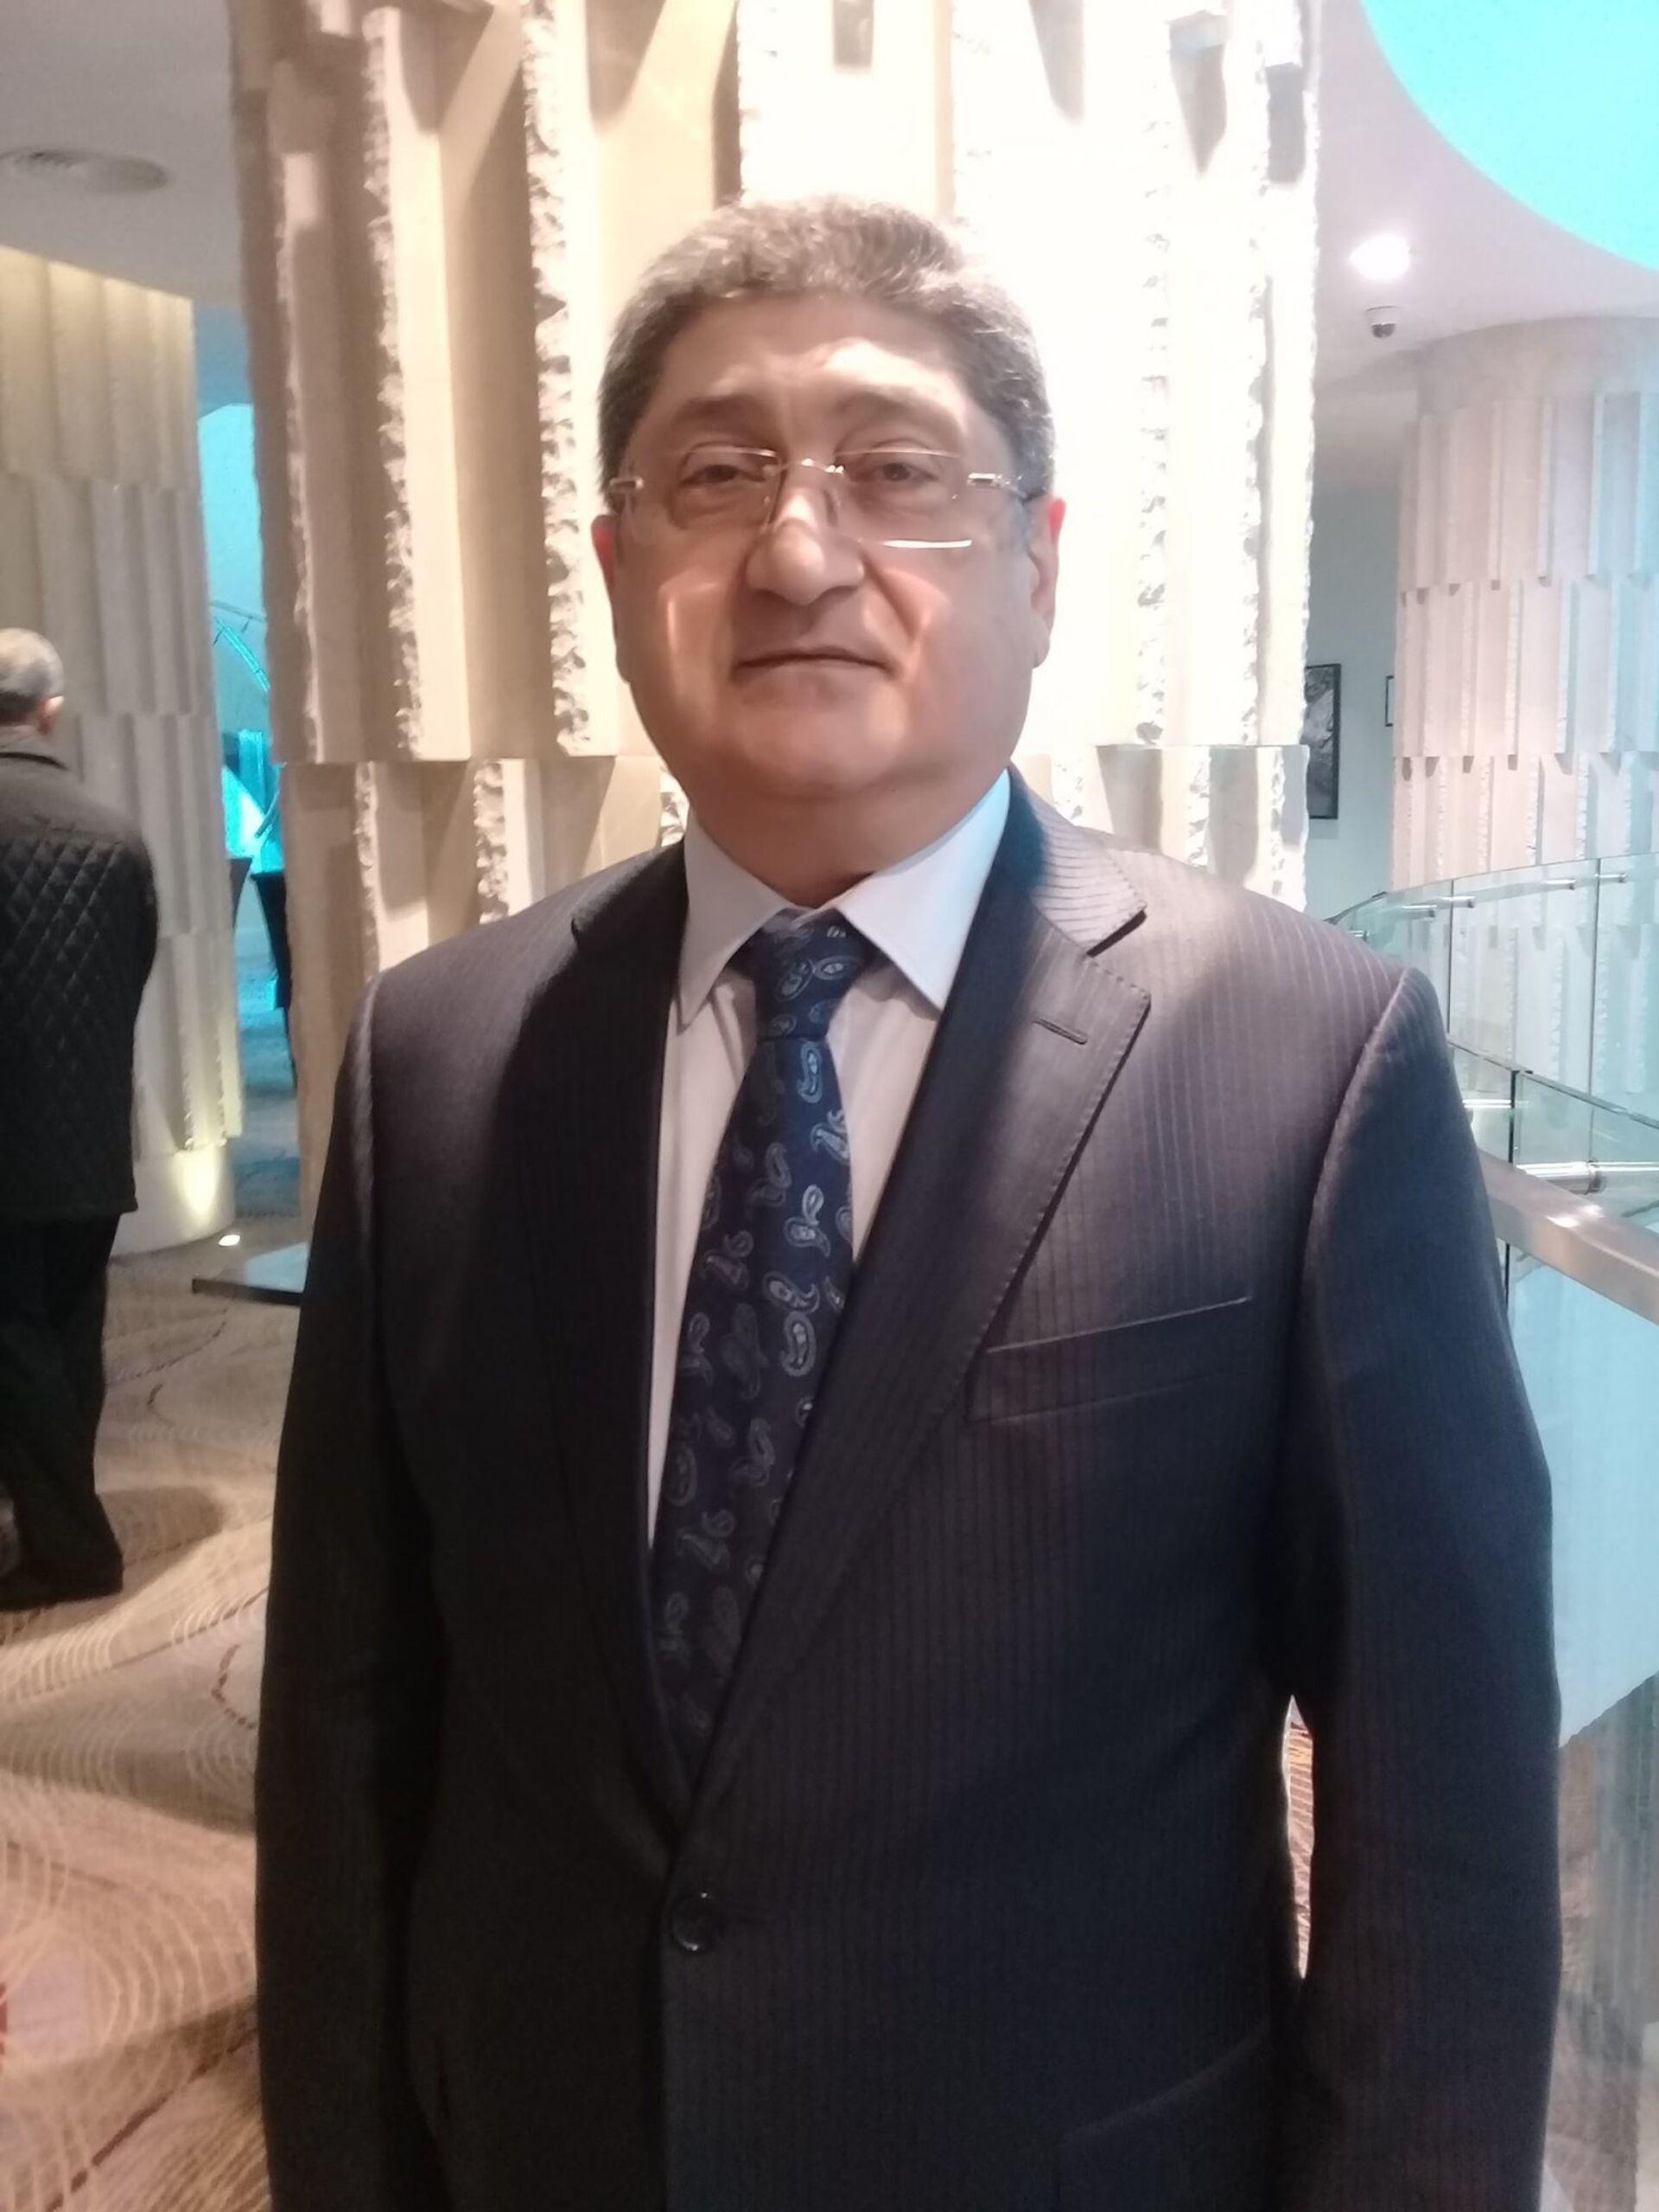 Директор Научно-исследовательского института рыбного хозяйства министерства экологии и природных ресурсов Азербайджана Мехман Ахундов - Sputnik Azərbaycan, 1920, 28.09.2021